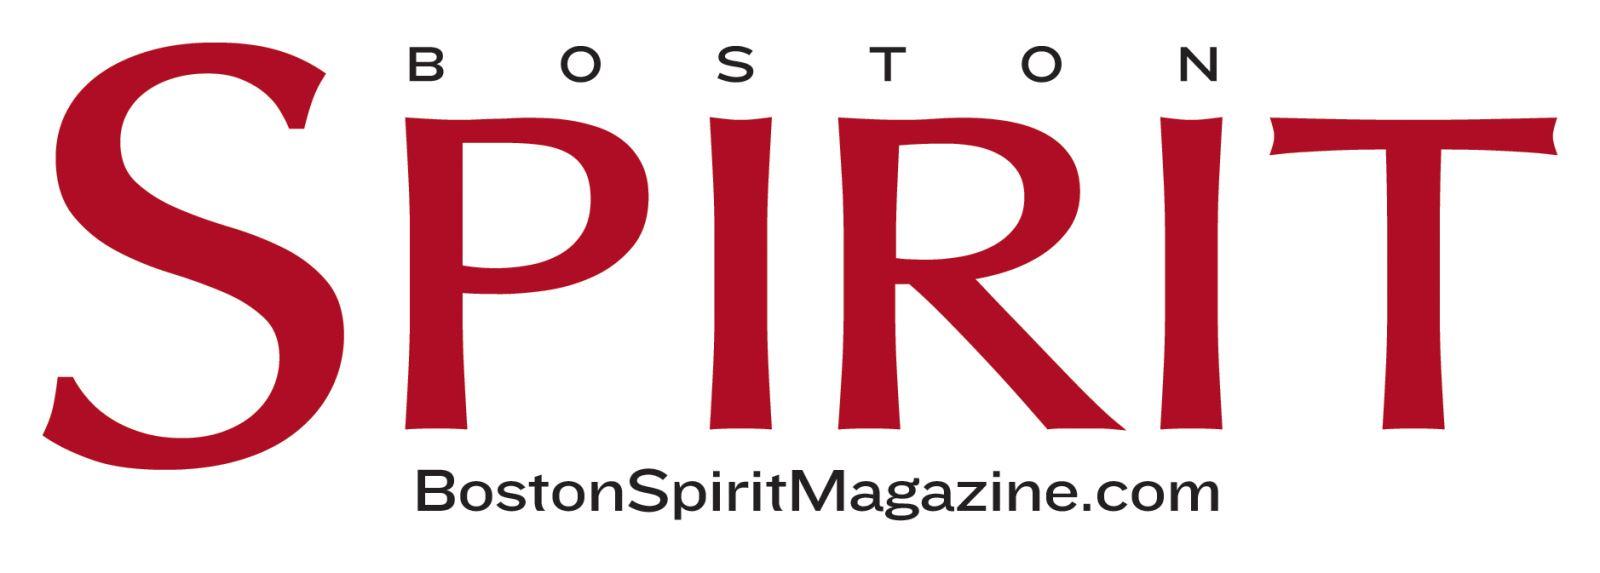 Boston Spirit Magazine logo